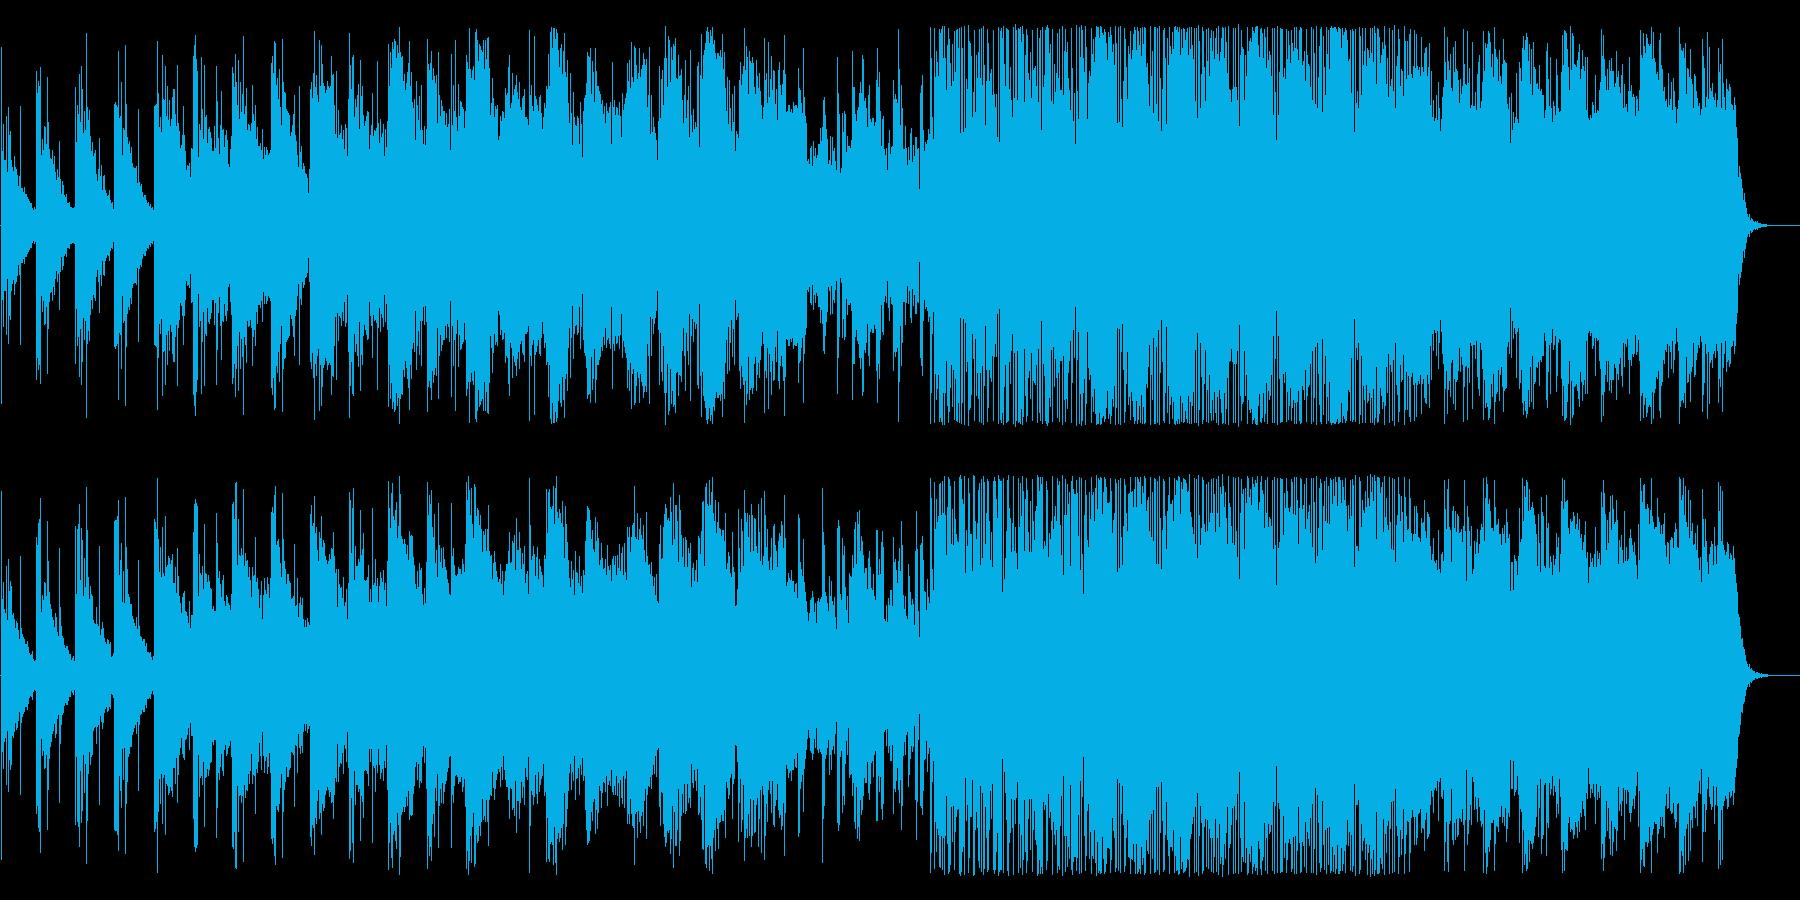 和風でスローだがファンキーに展開する曲の再生済みの波形